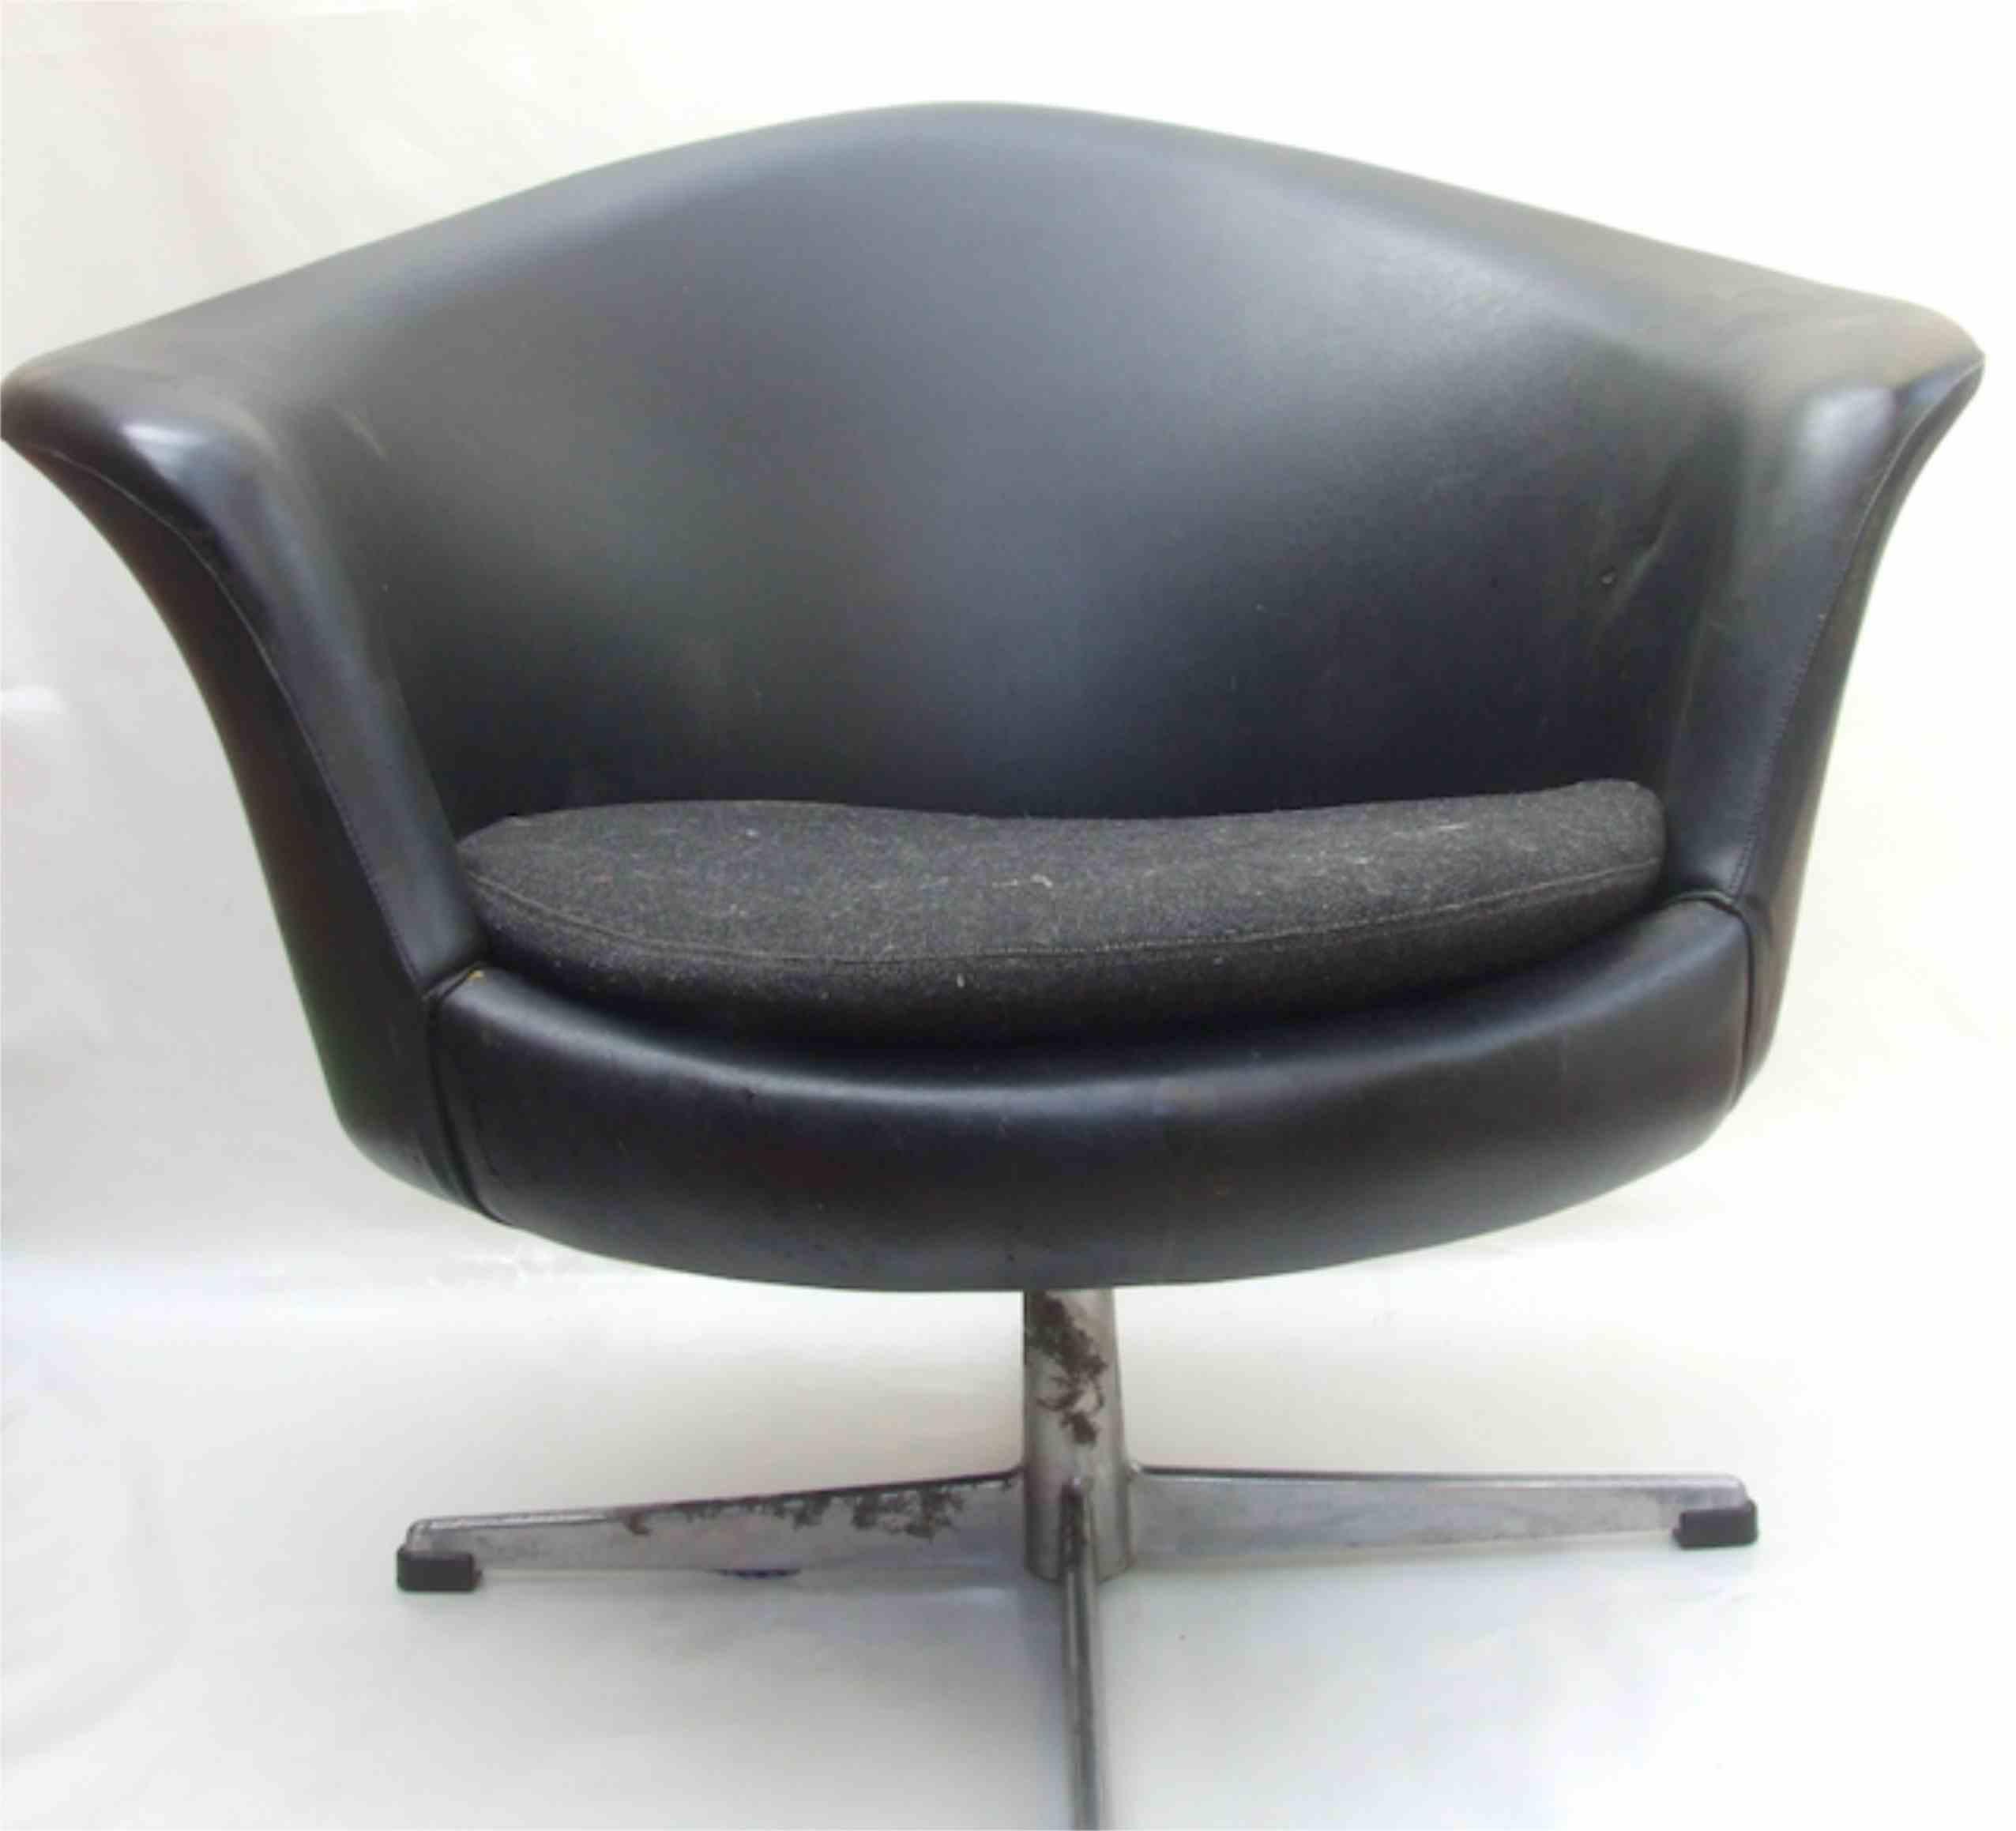 1960s Tub Chair with Swivel Base Maud ChairsMaud Chairs